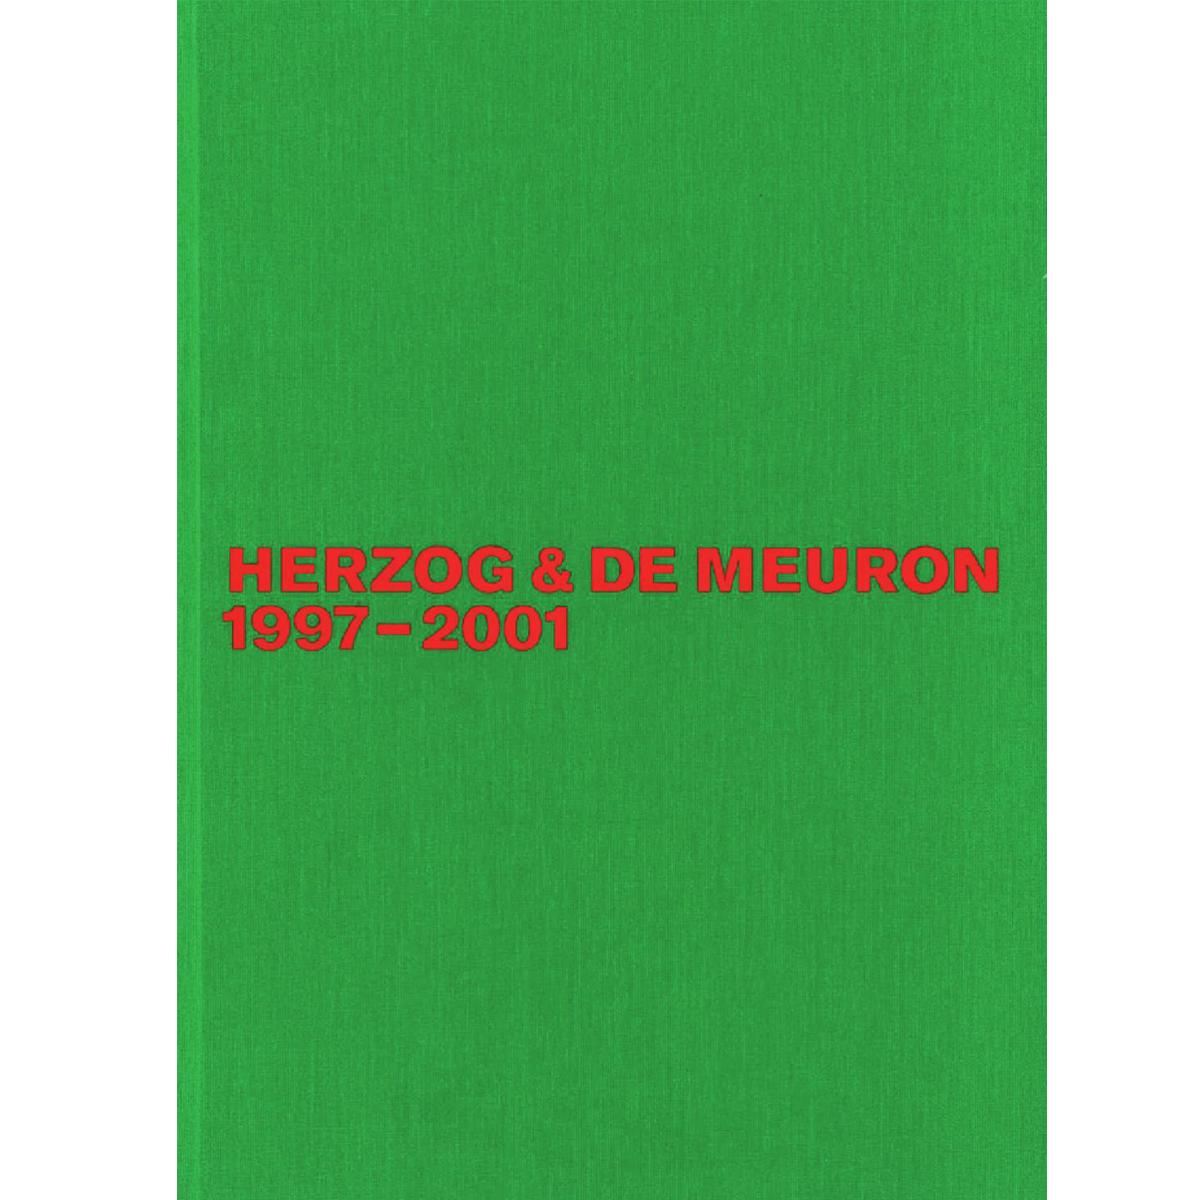 Herzog & de Meuron 1997-2001